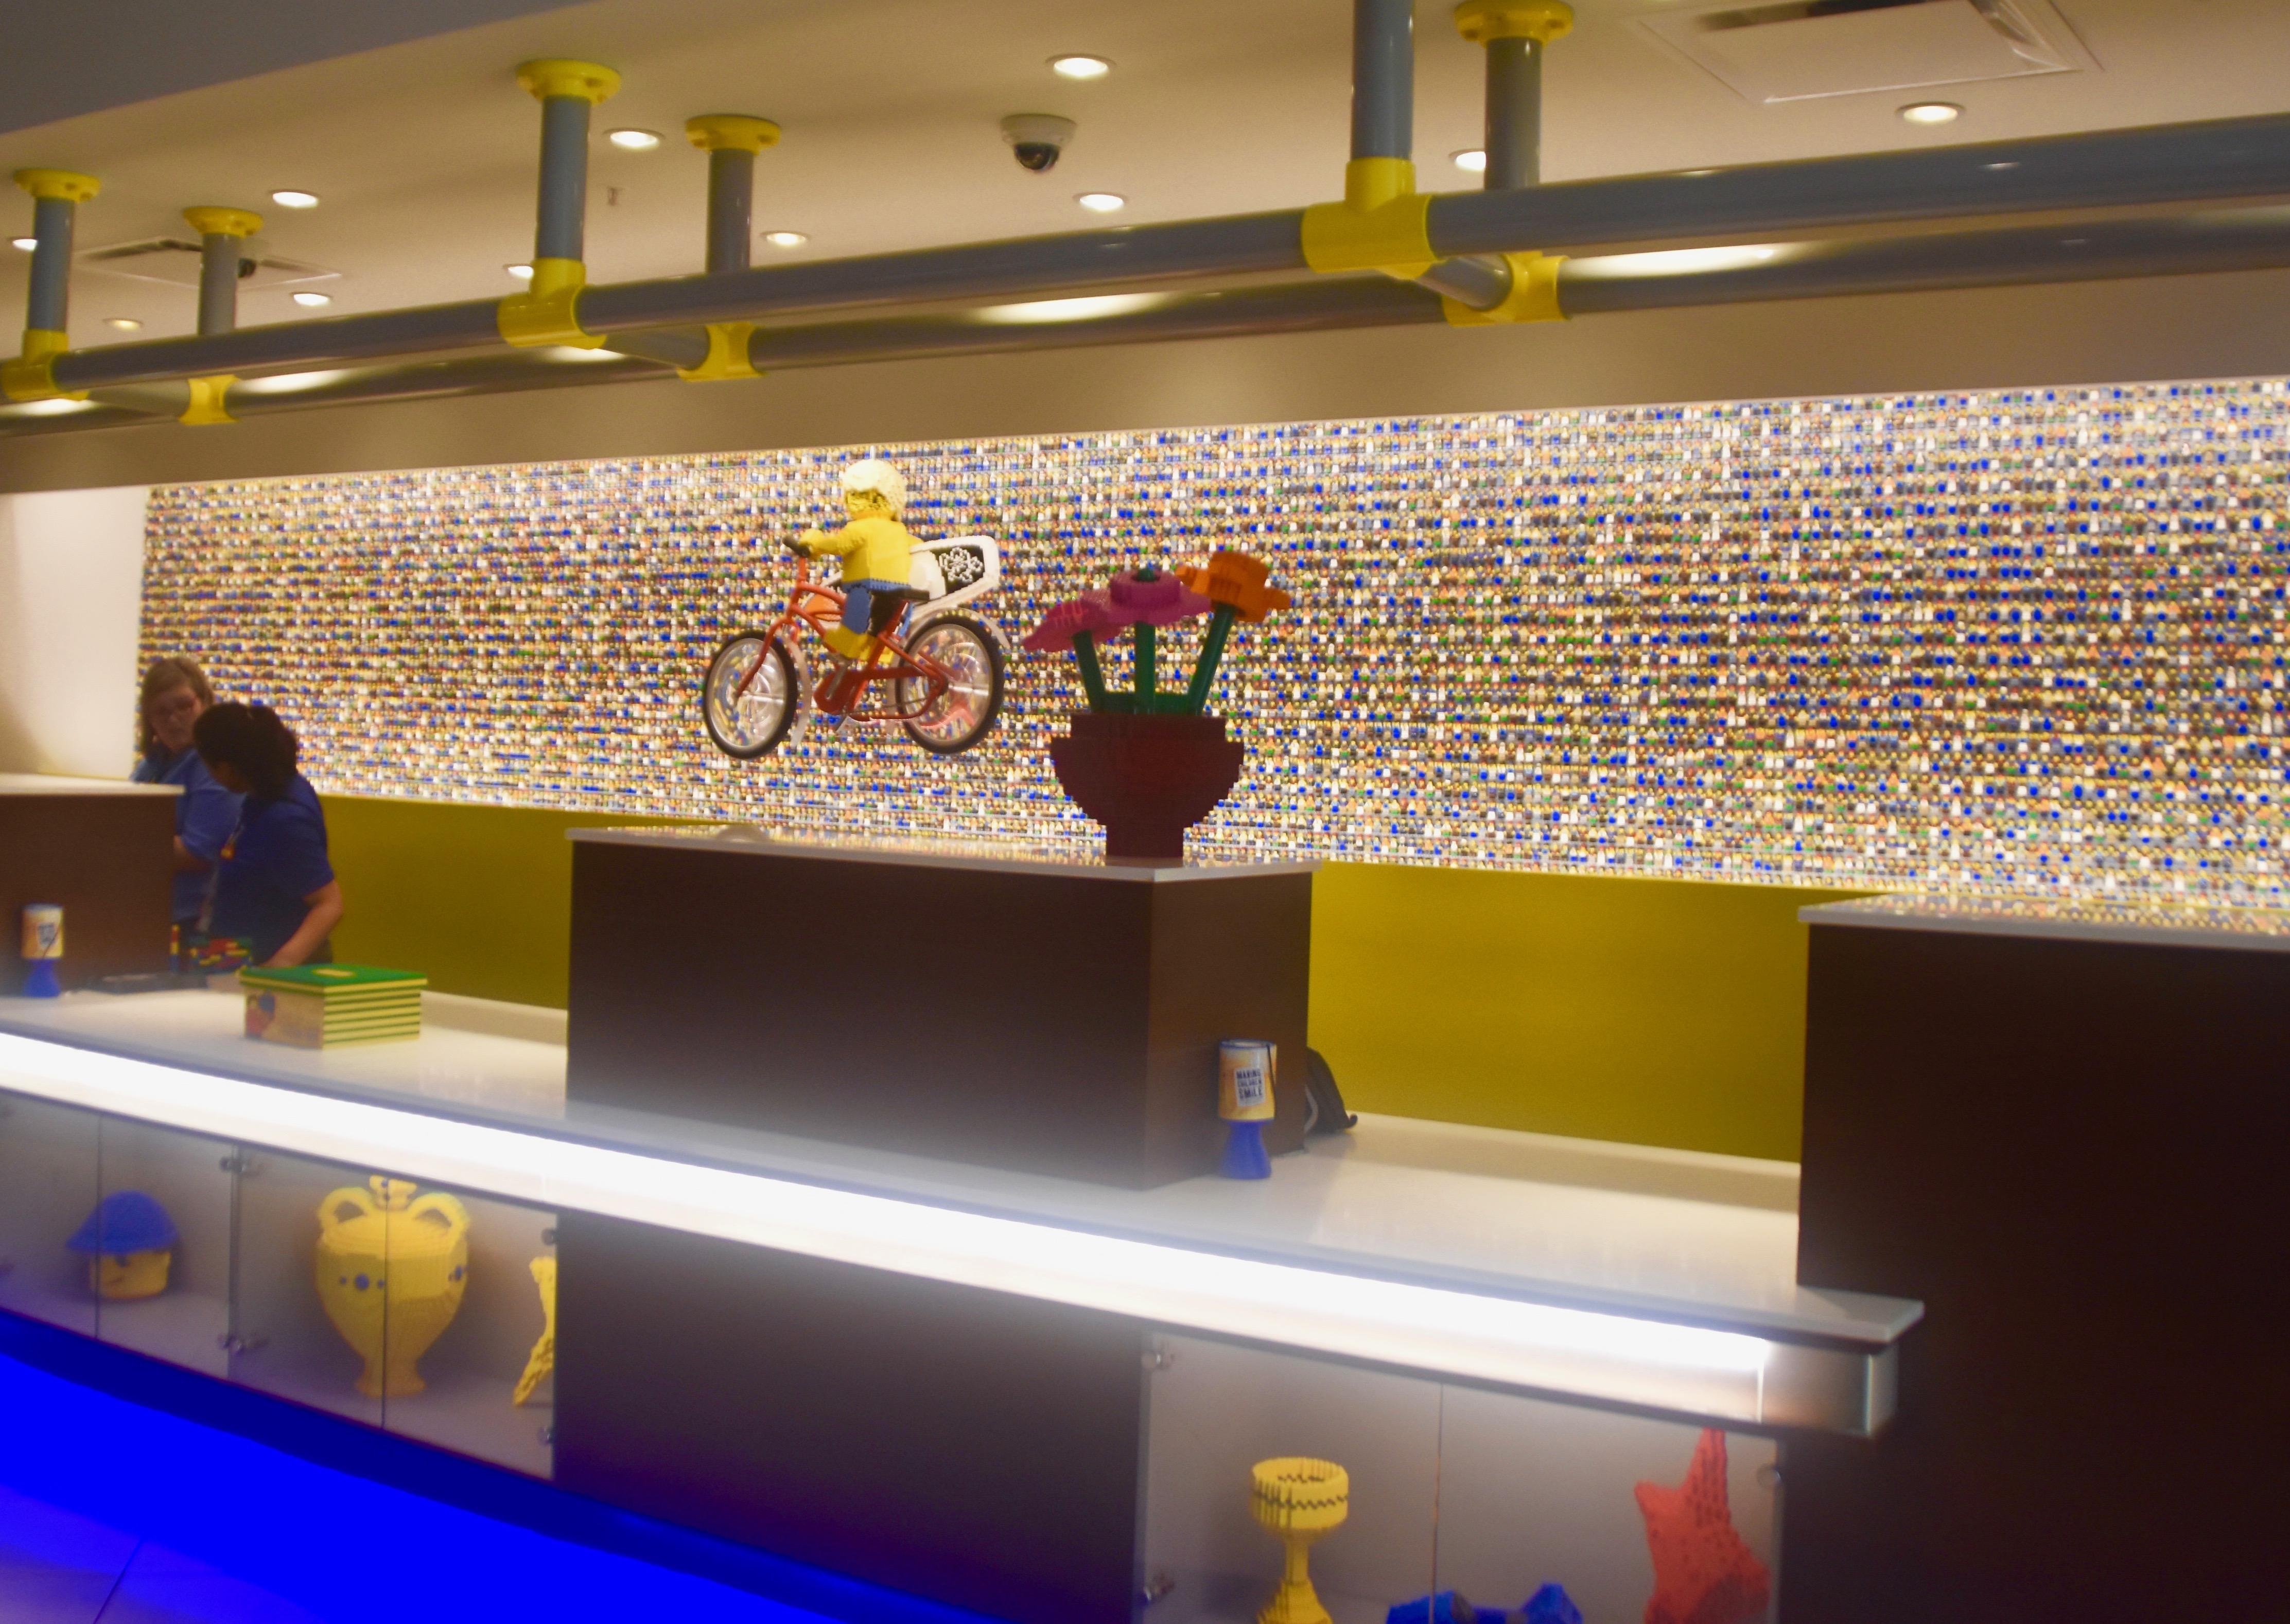 Lobby of Legoland Hotel, Legoland Florida